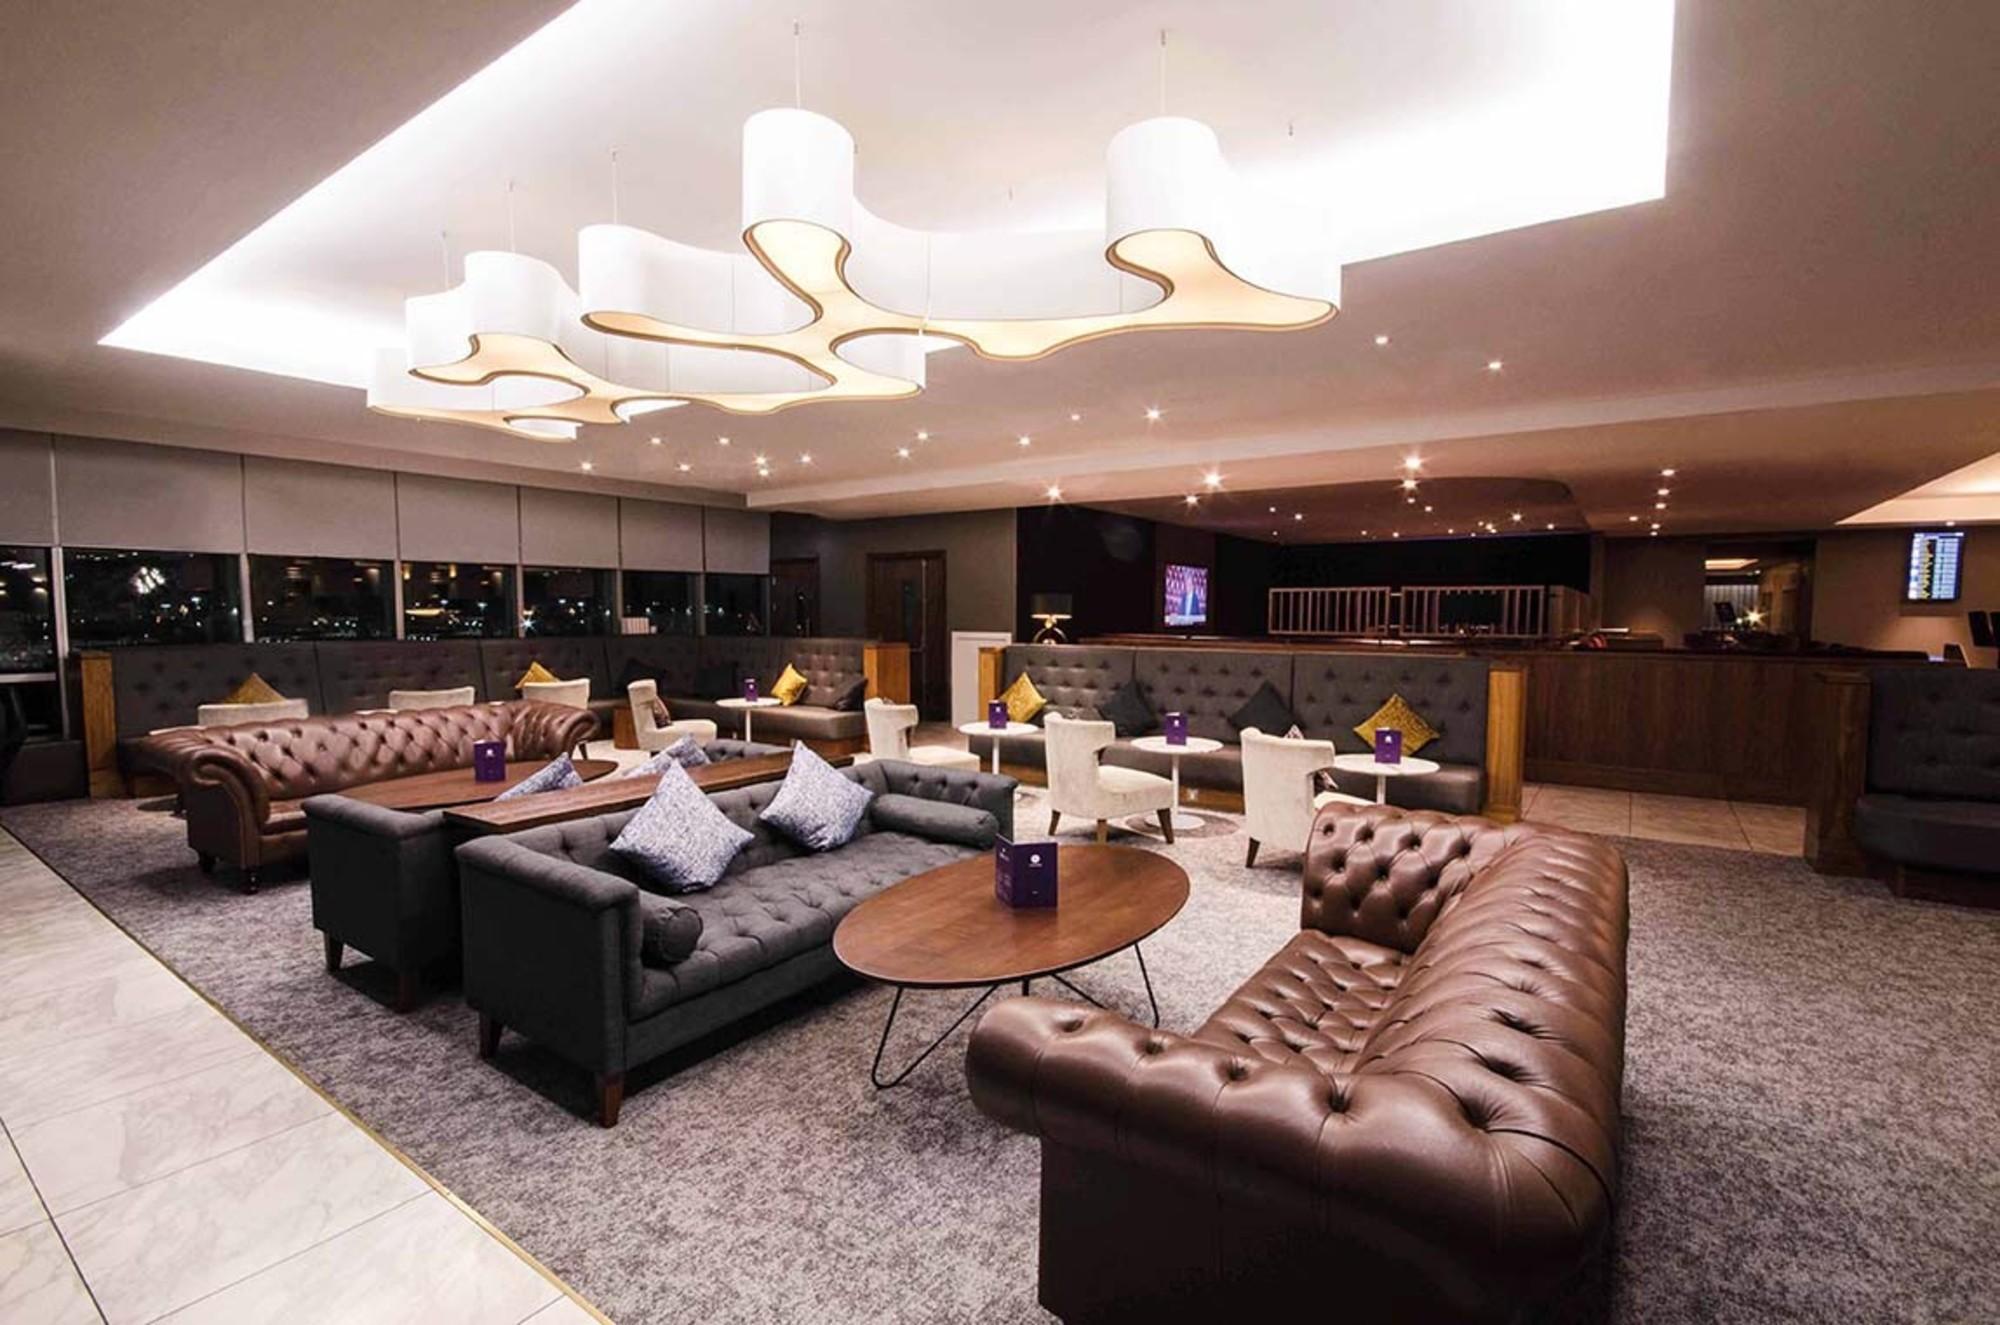 No.1 Lounge, London Gatwick Airport